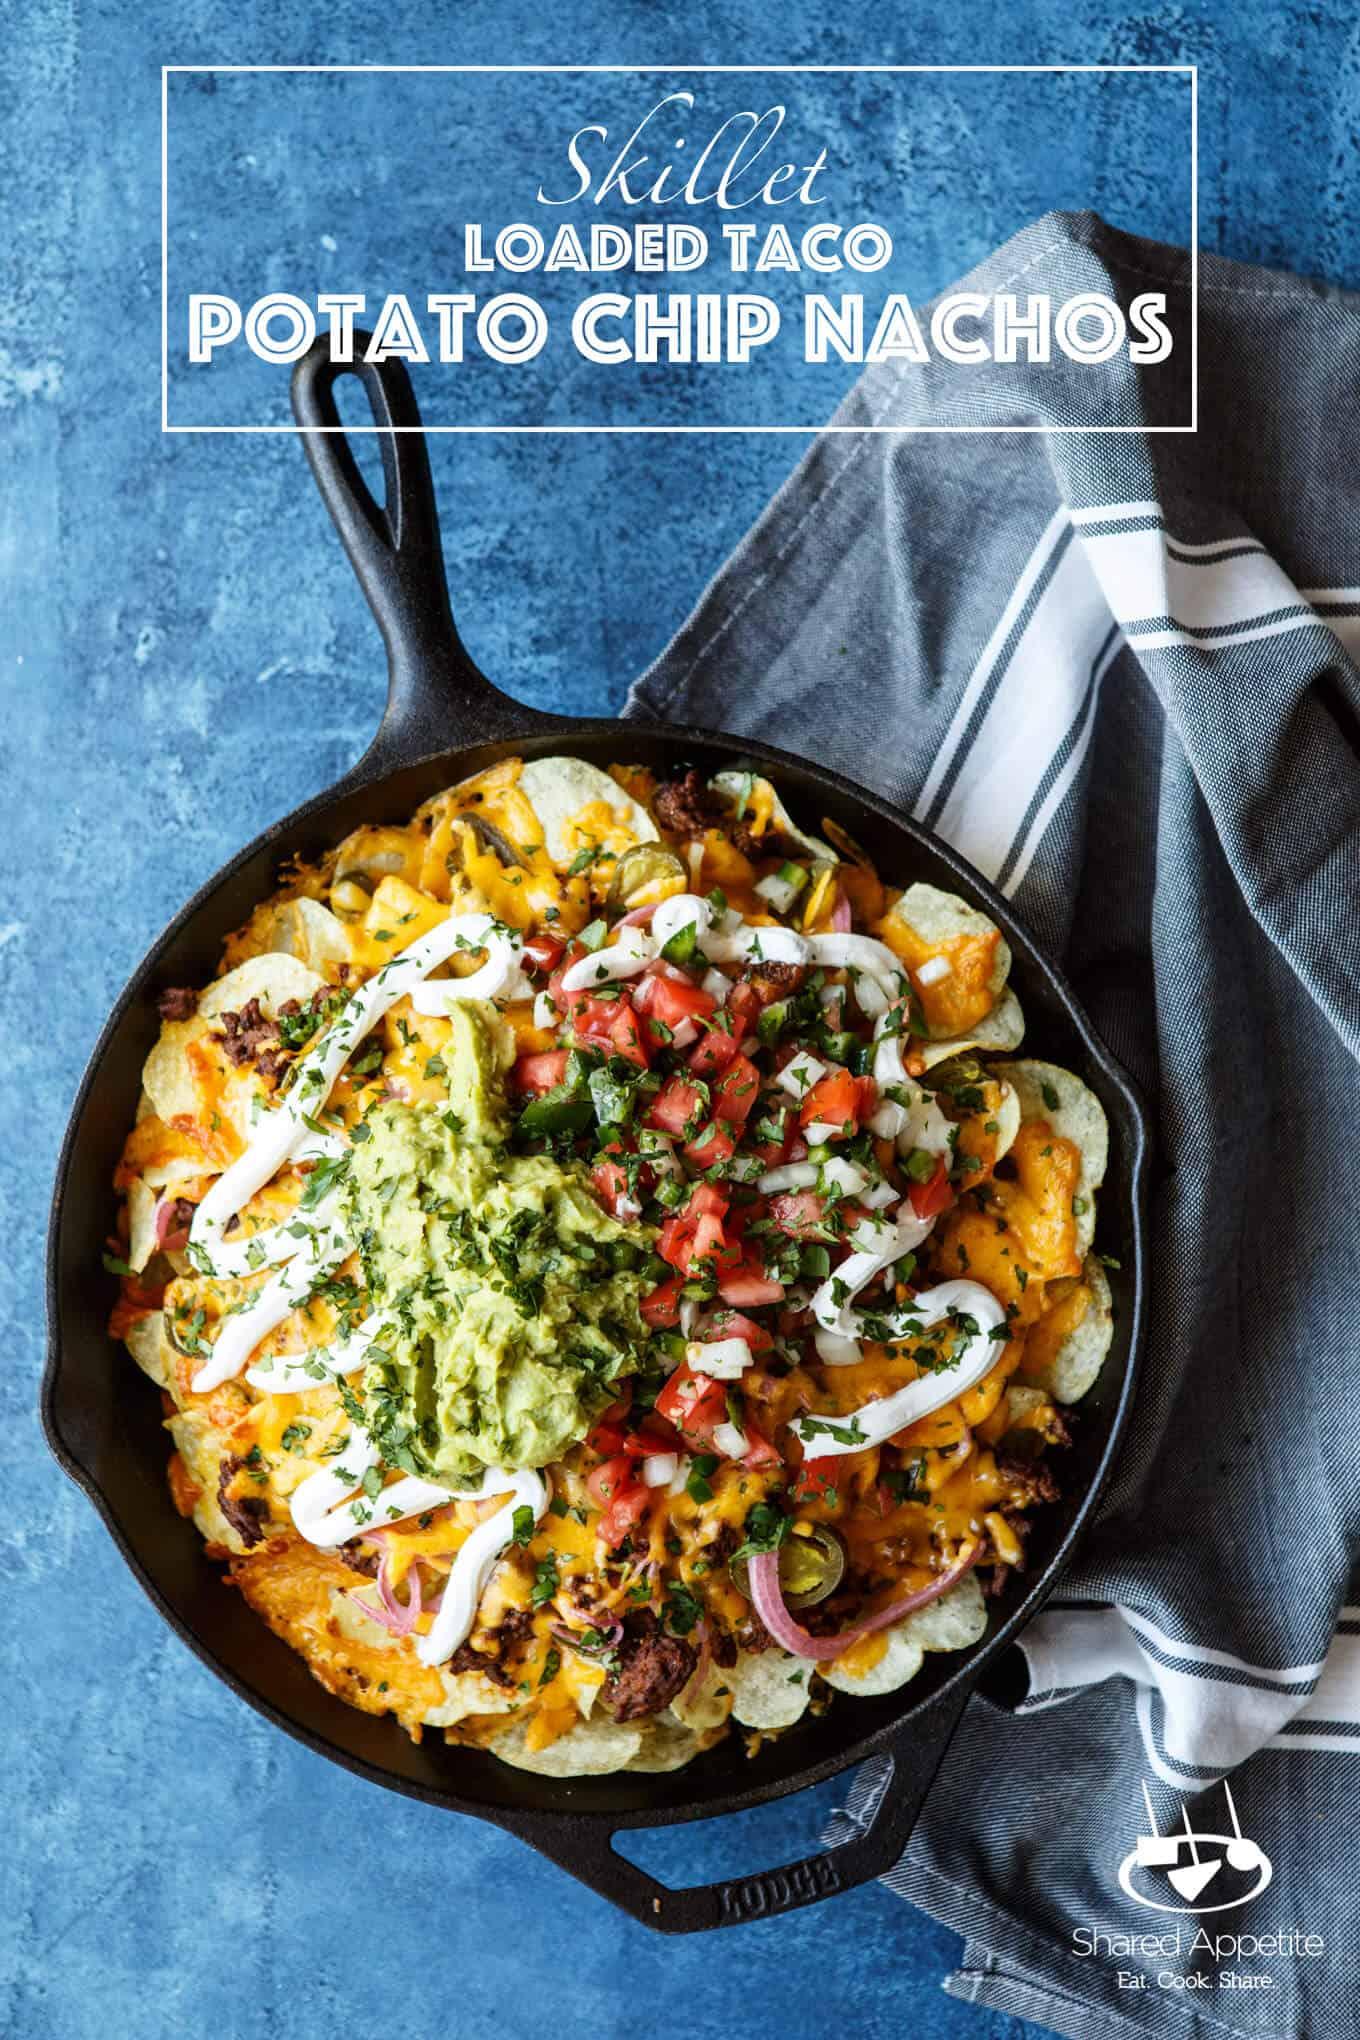 Skillet Loaded Taco Potato Chip Nachos | sharedappetite.com